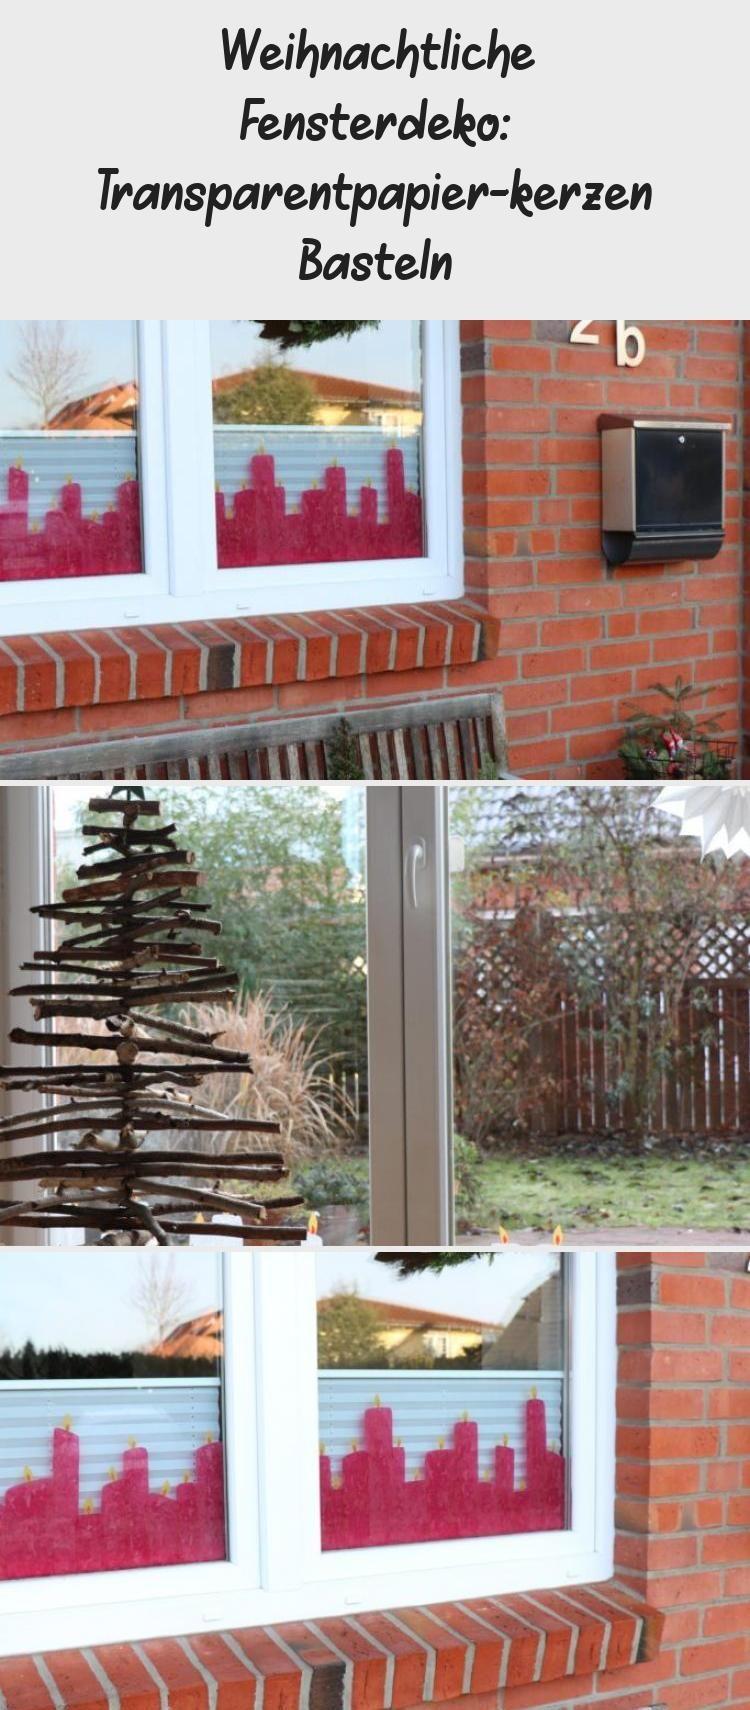 Weihnachtliche Fensterdeko: Transparentpapier-Kerzen basteln #Girlandenbasteln #…